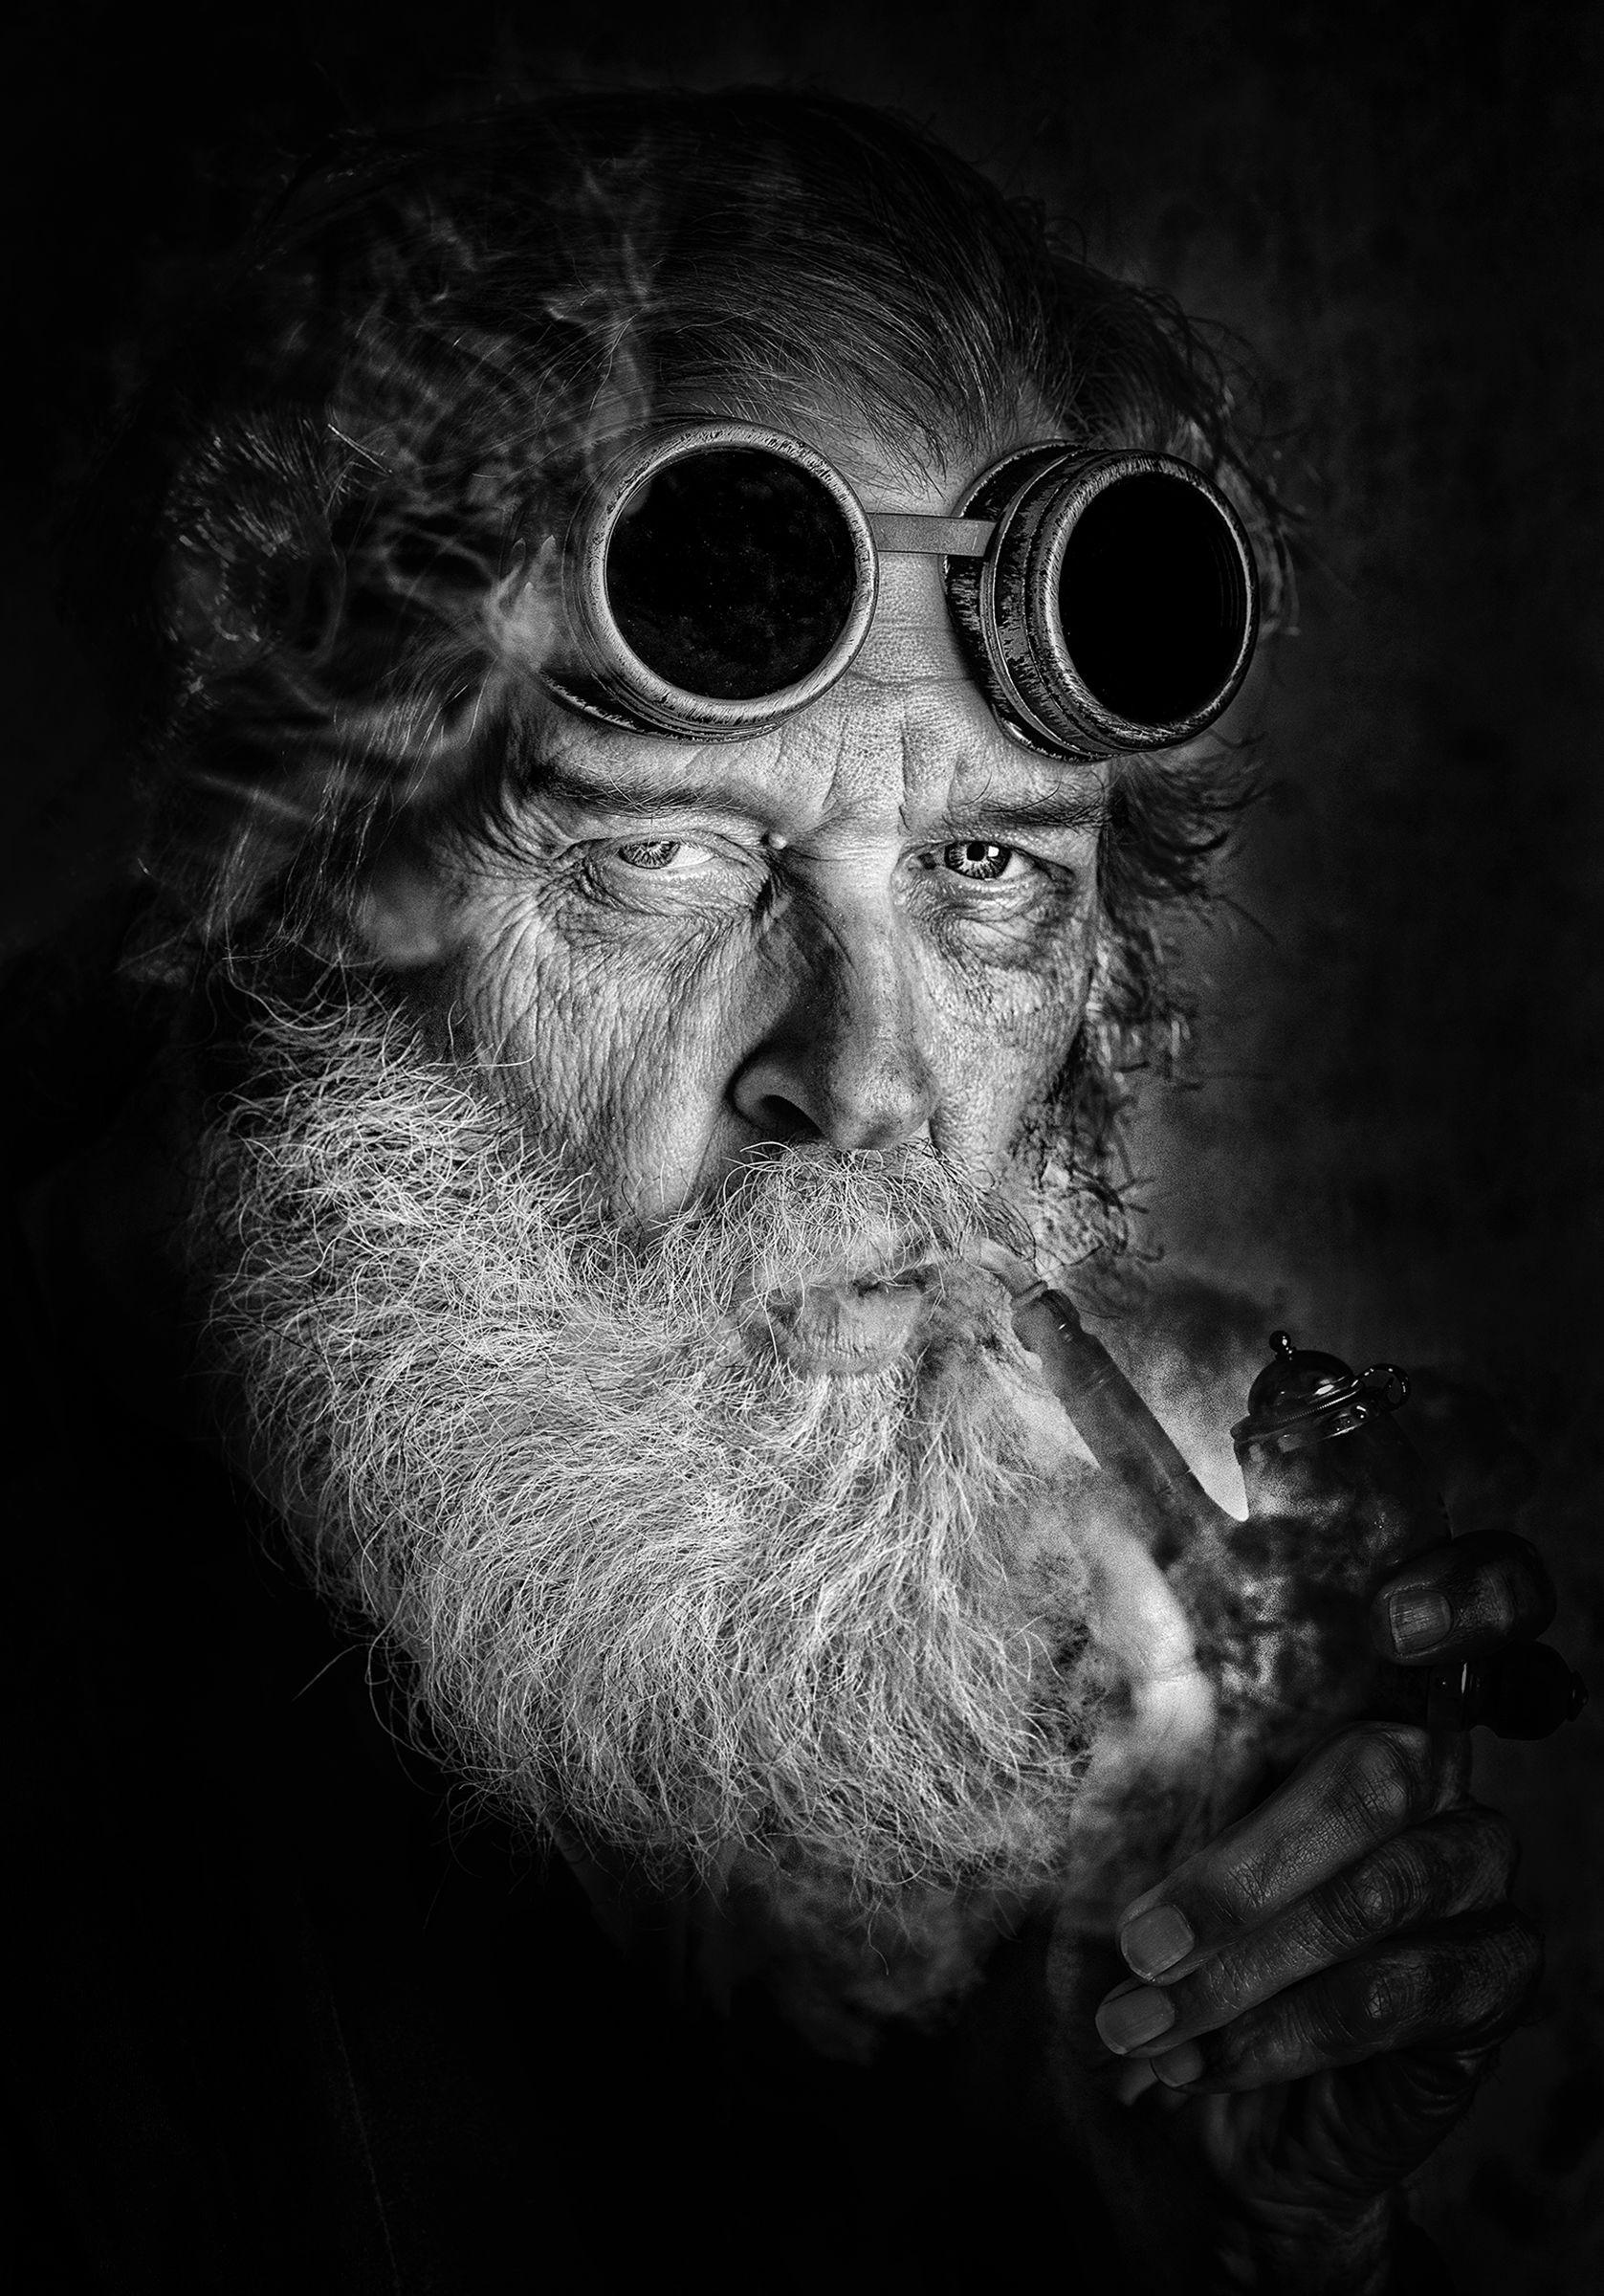 """""""The Explorer"""" (John Colbensen, Skodje Fotoklubb)"""